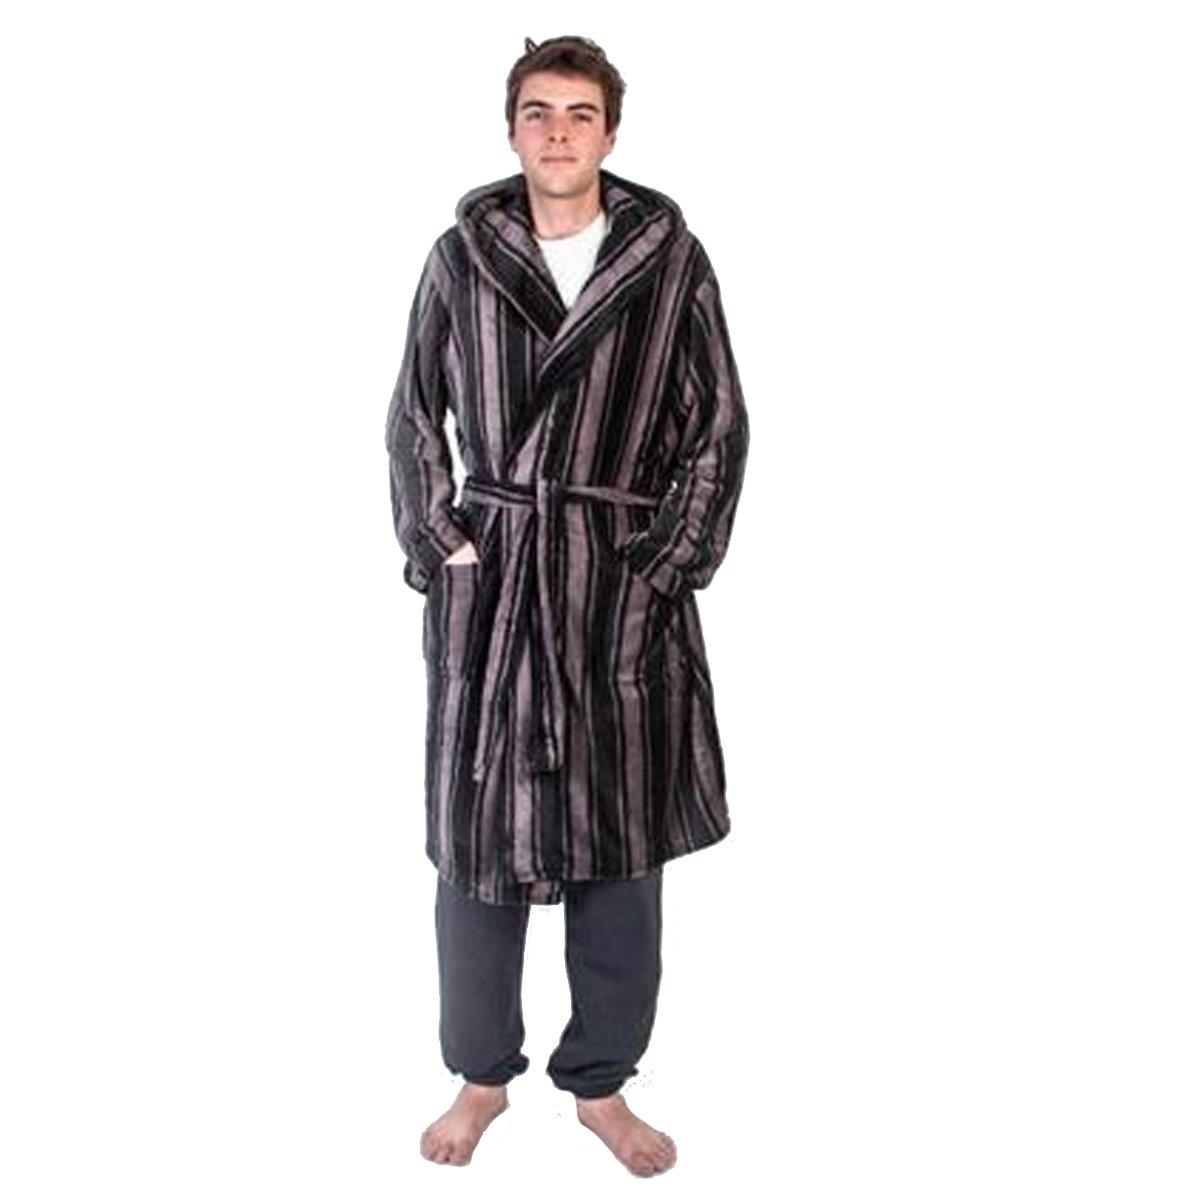 Sleepwear & Robes Men's Clothing Uomo Pile Super Morbido Notte Abito Da Sera Rigato Con Cappuccio Vestaglia